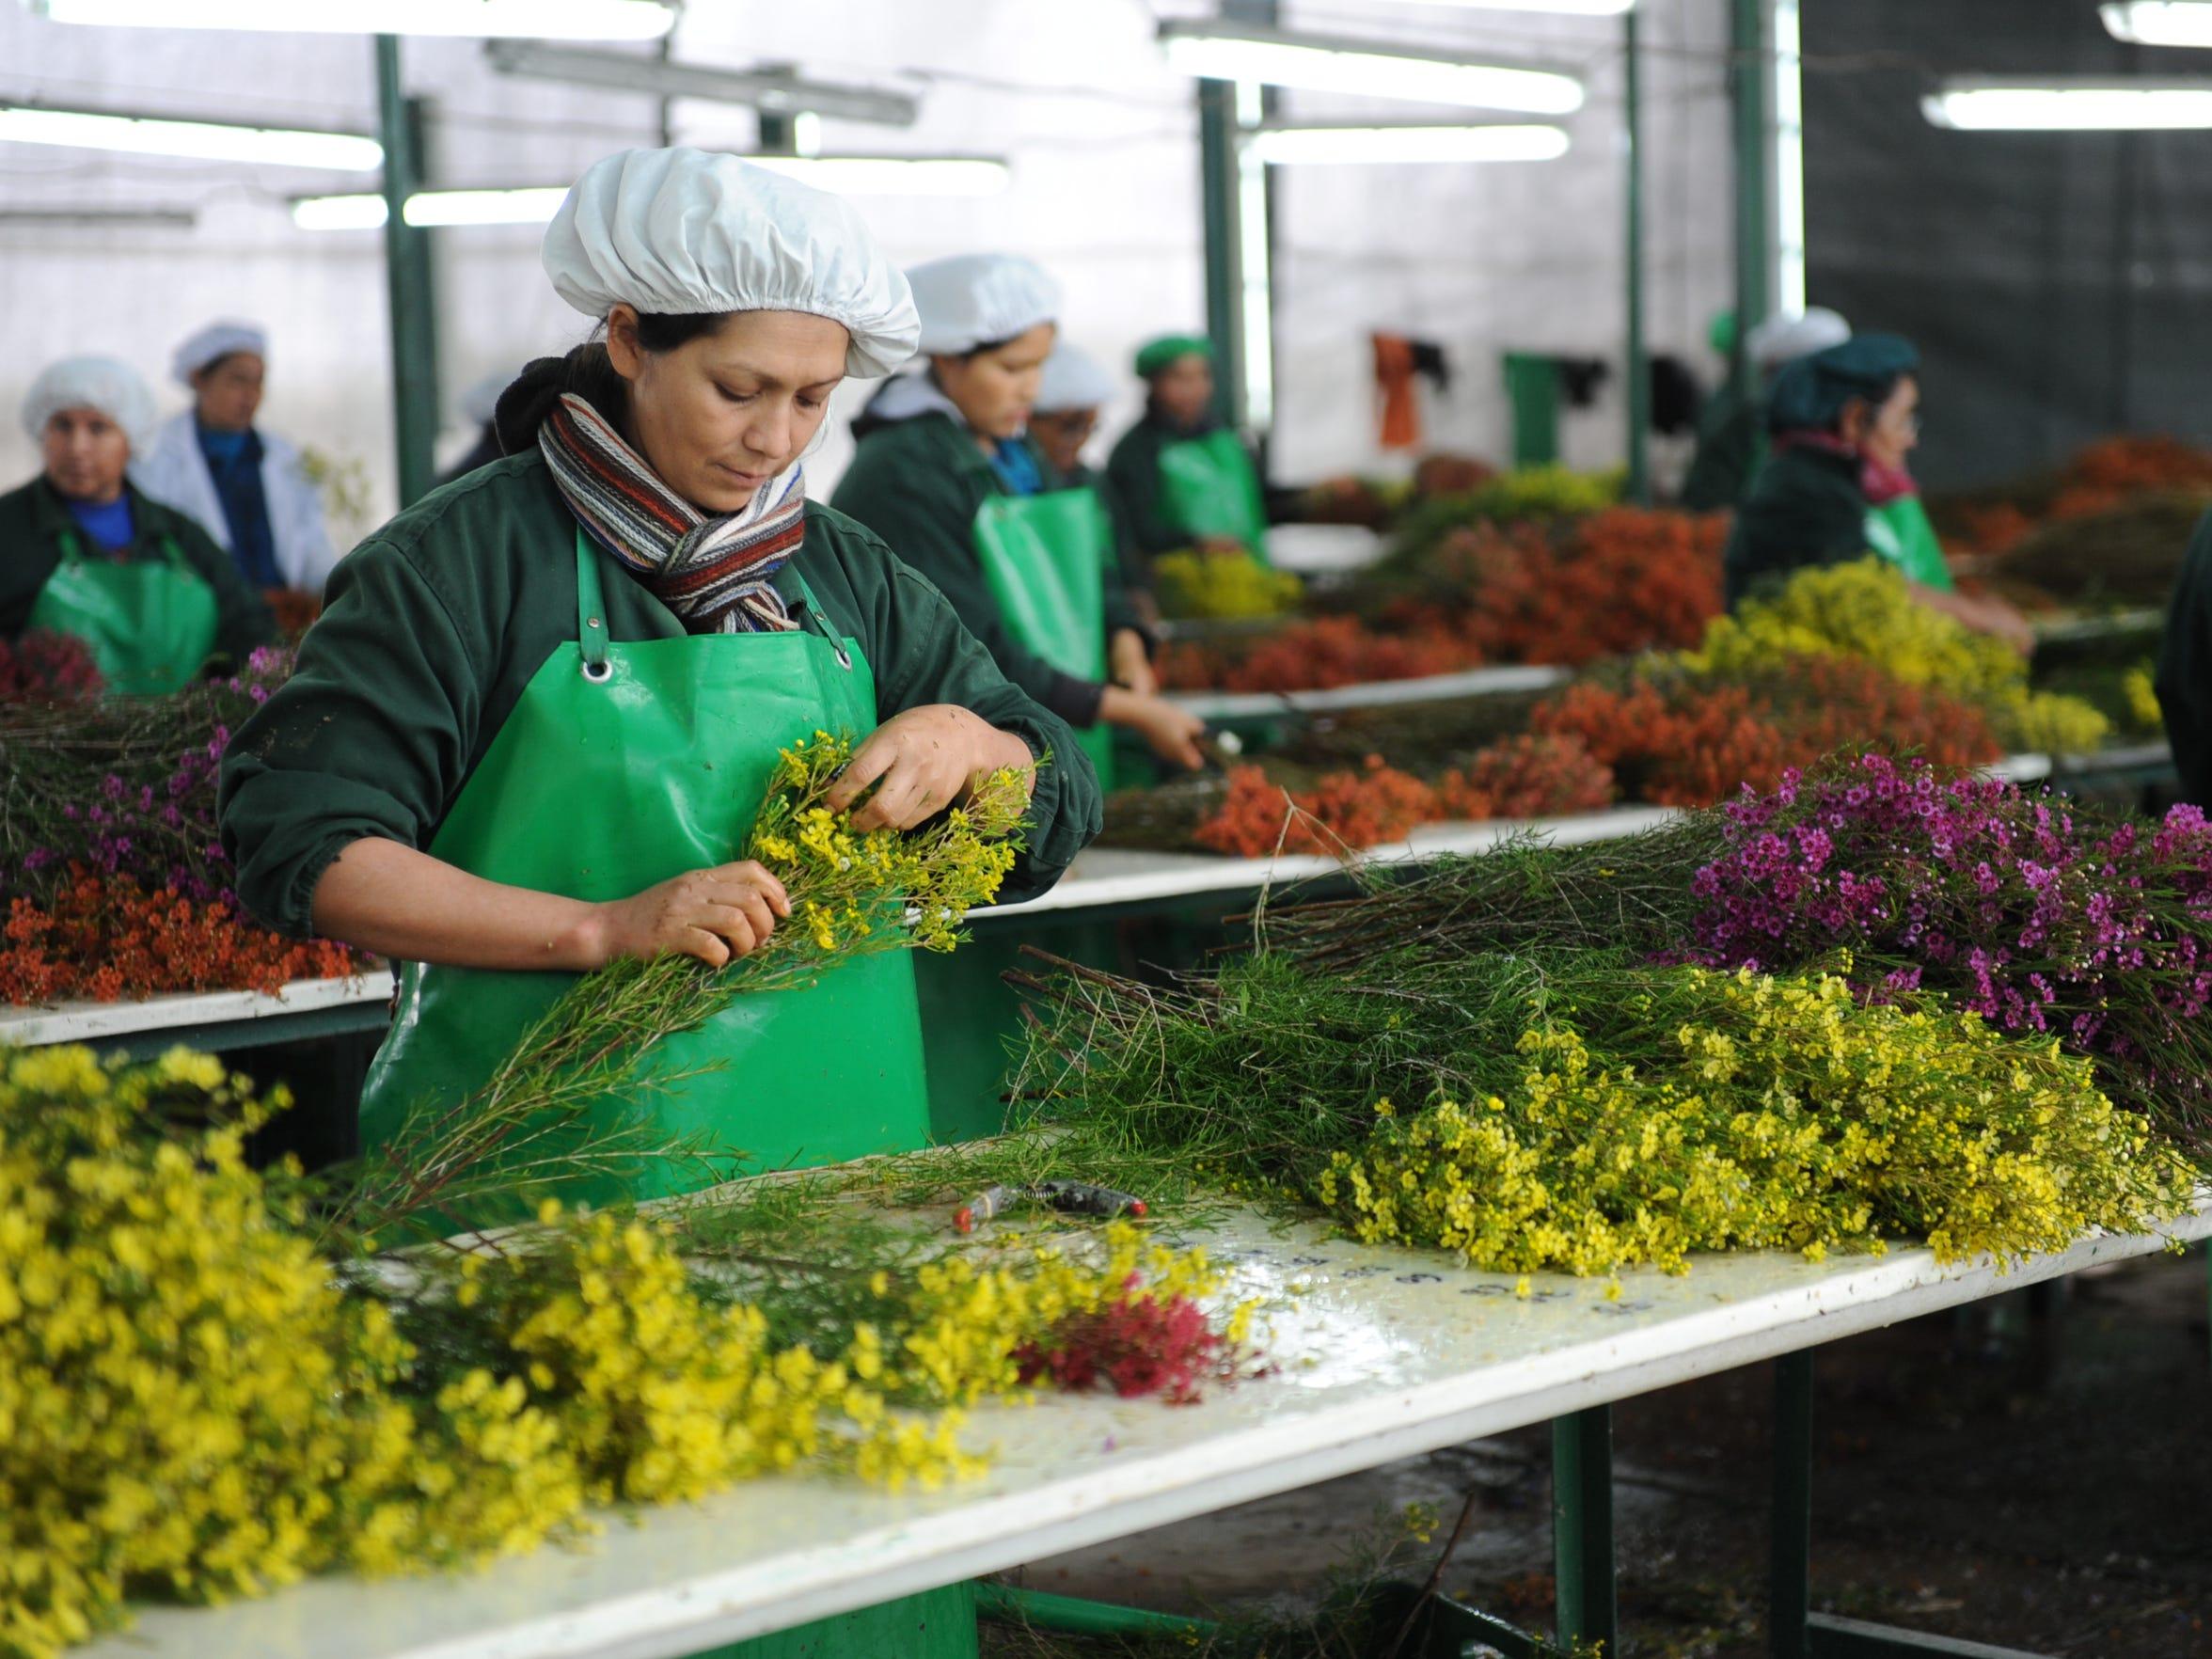 08132015 -- Villacurí, Peru --María Campos prepares